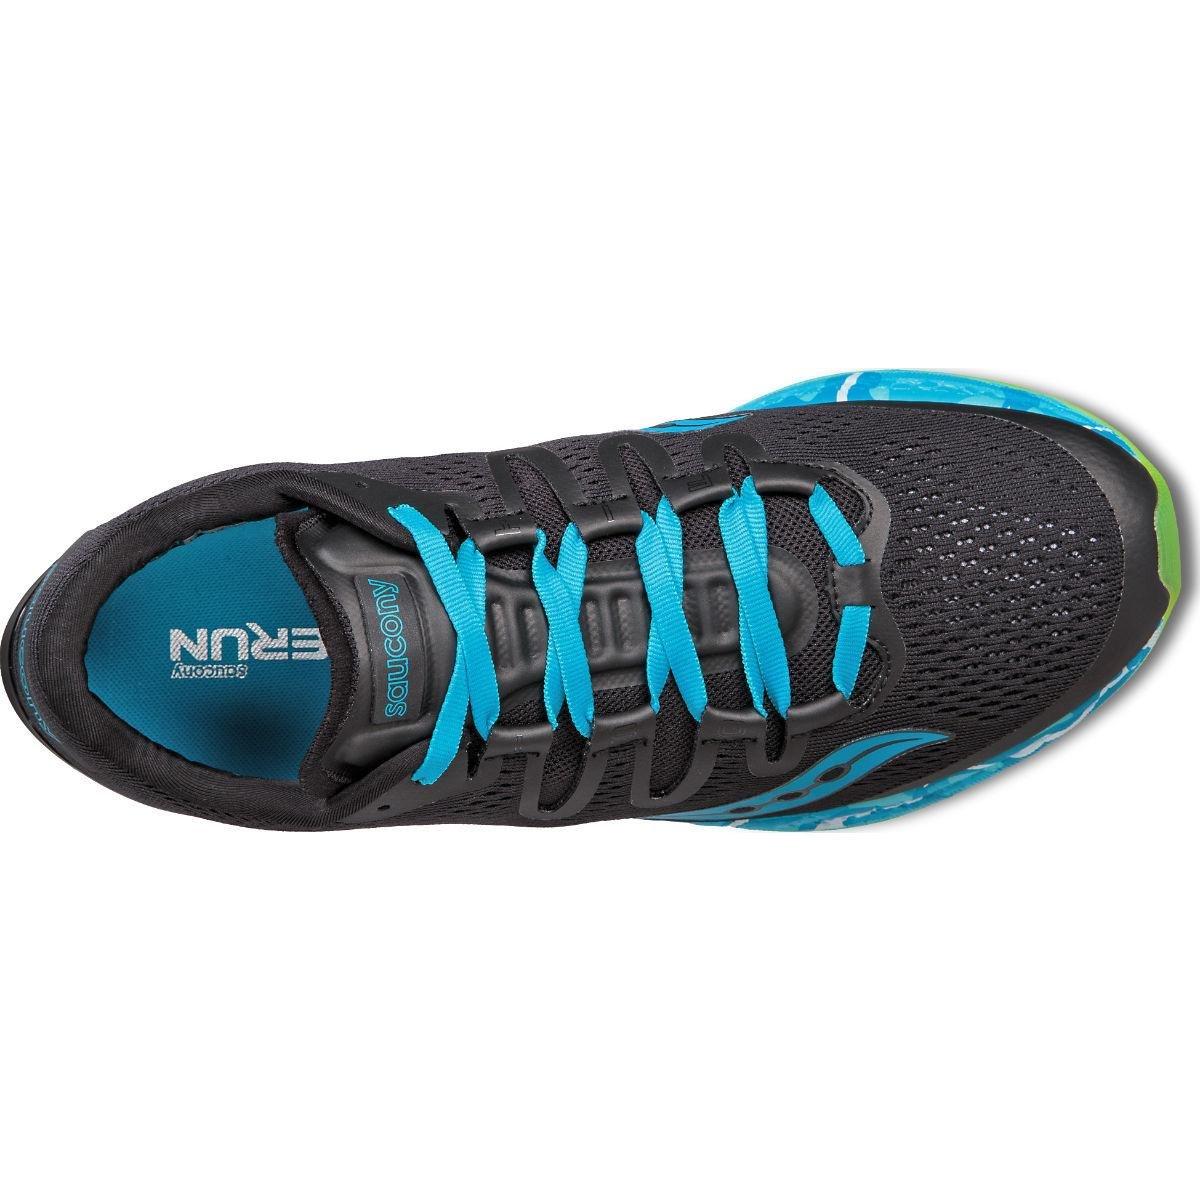 Saucony Freedom ISO Zapatillas de Deporte para Hombre Moda Moda Moda Ofertastop fe0155